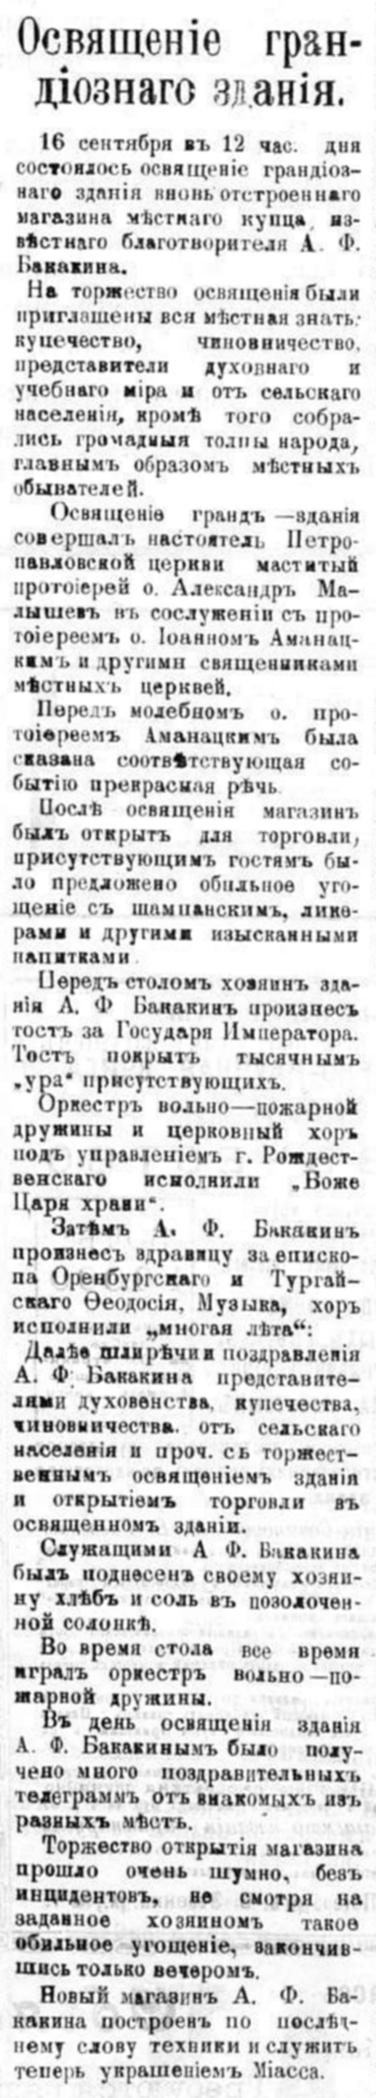 """Газета """"Казак"""". 20 сентября 1912 года"""